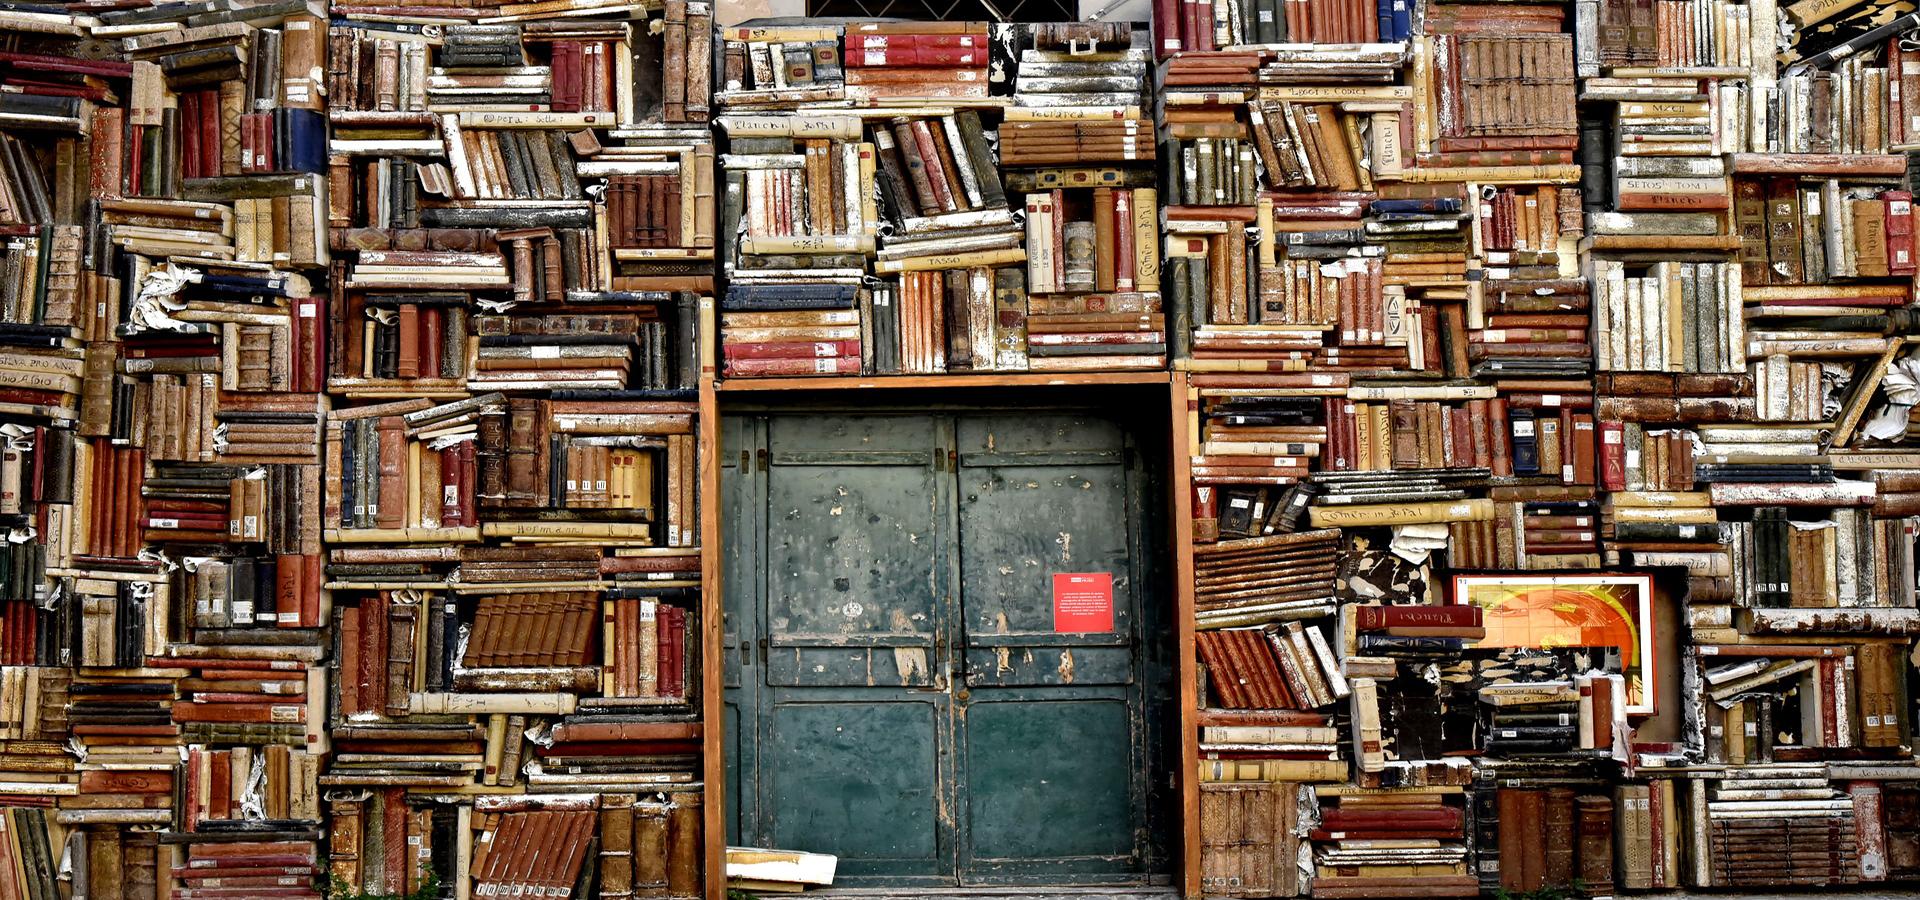 Könyvekkel telezsúfolt könytári fal, melyen van egy kopott ajtó